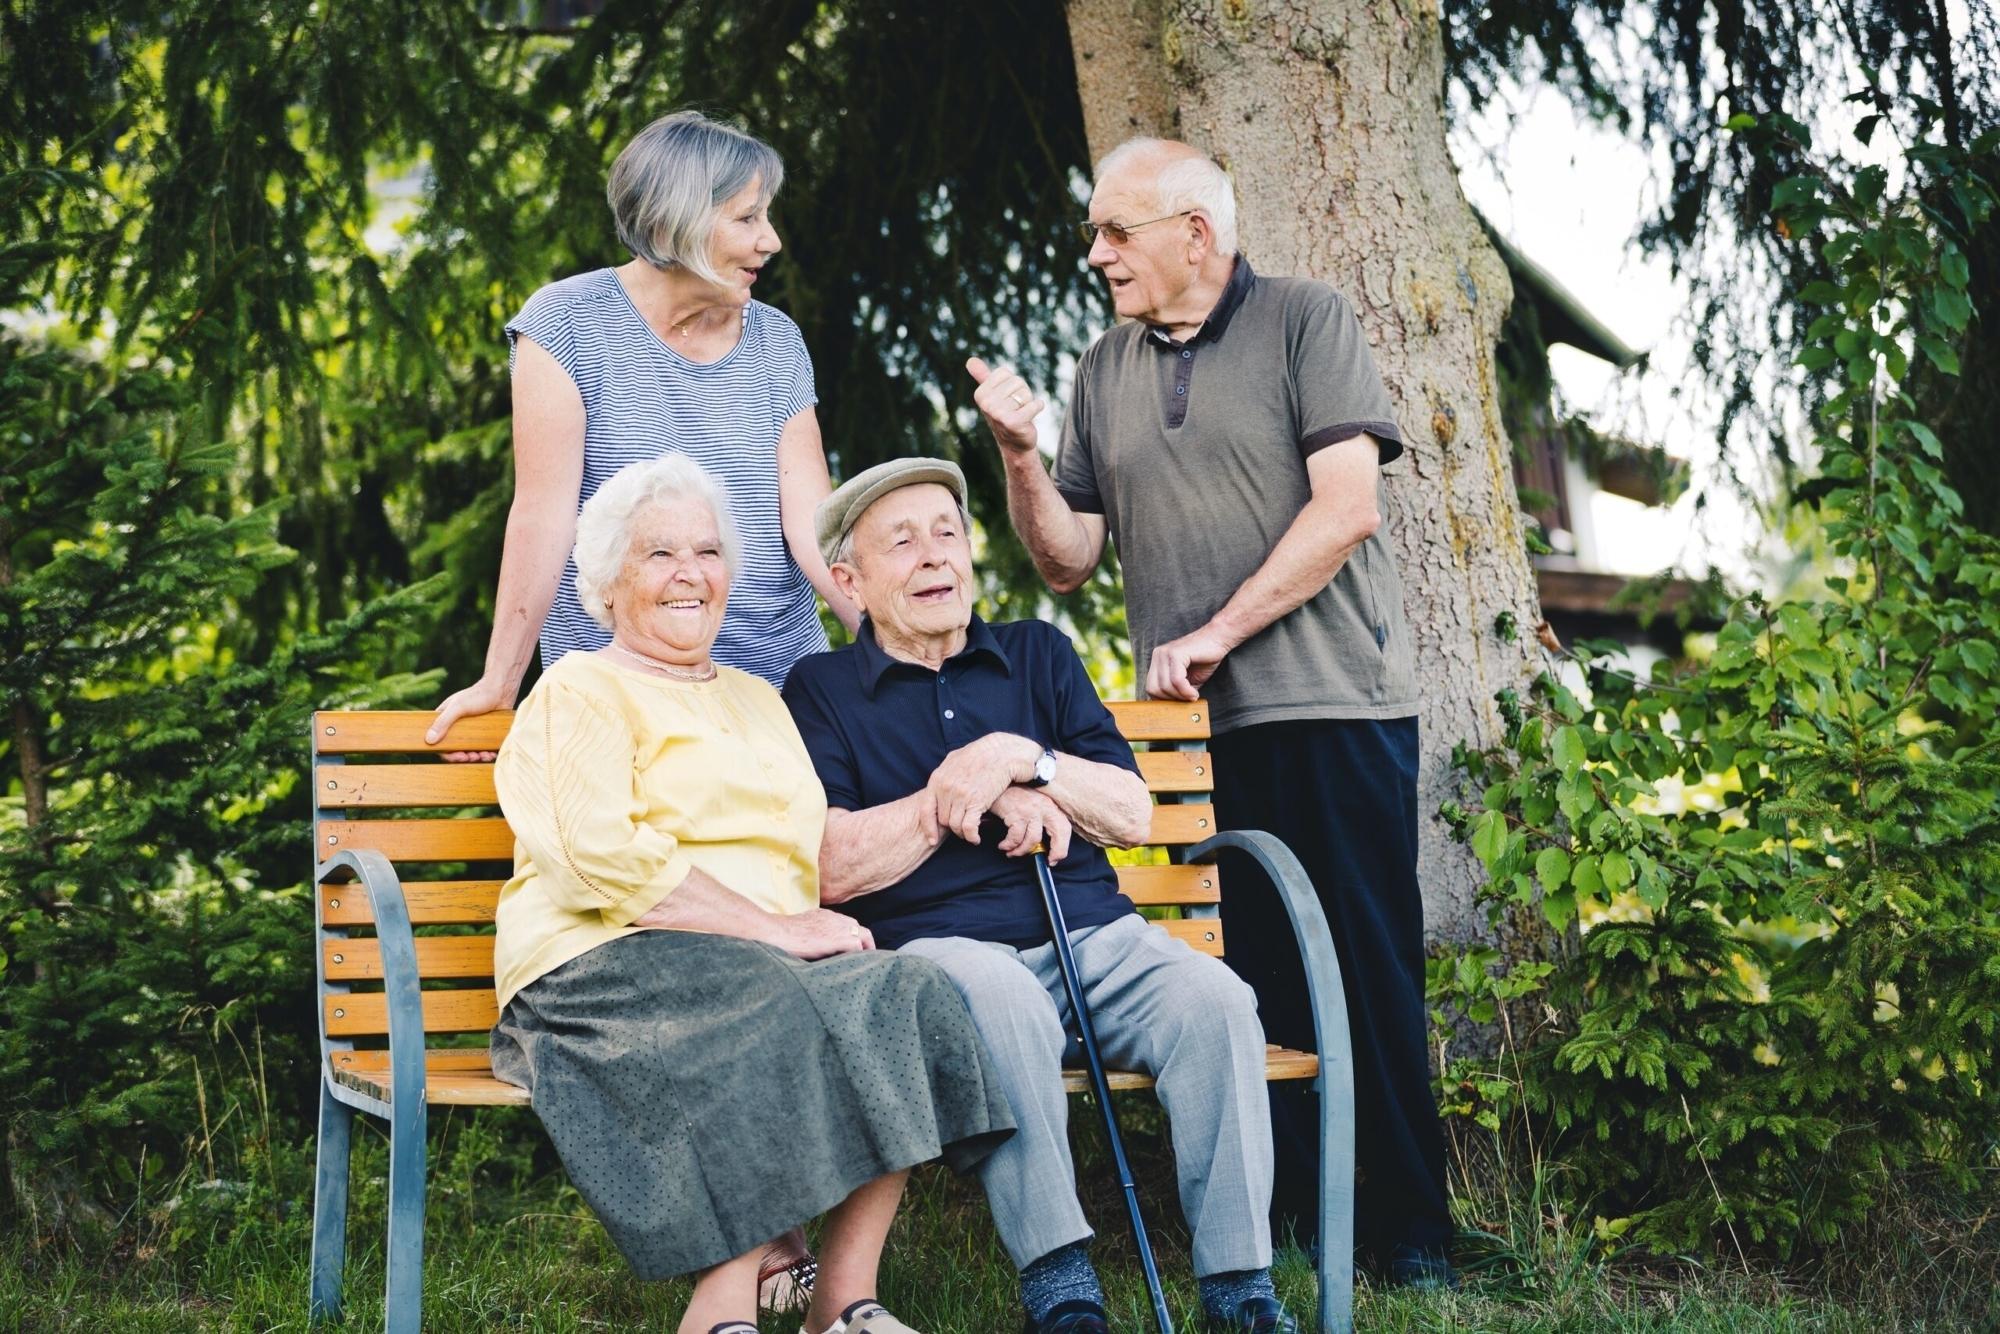 Mittel Senioren auf Parkbank 6